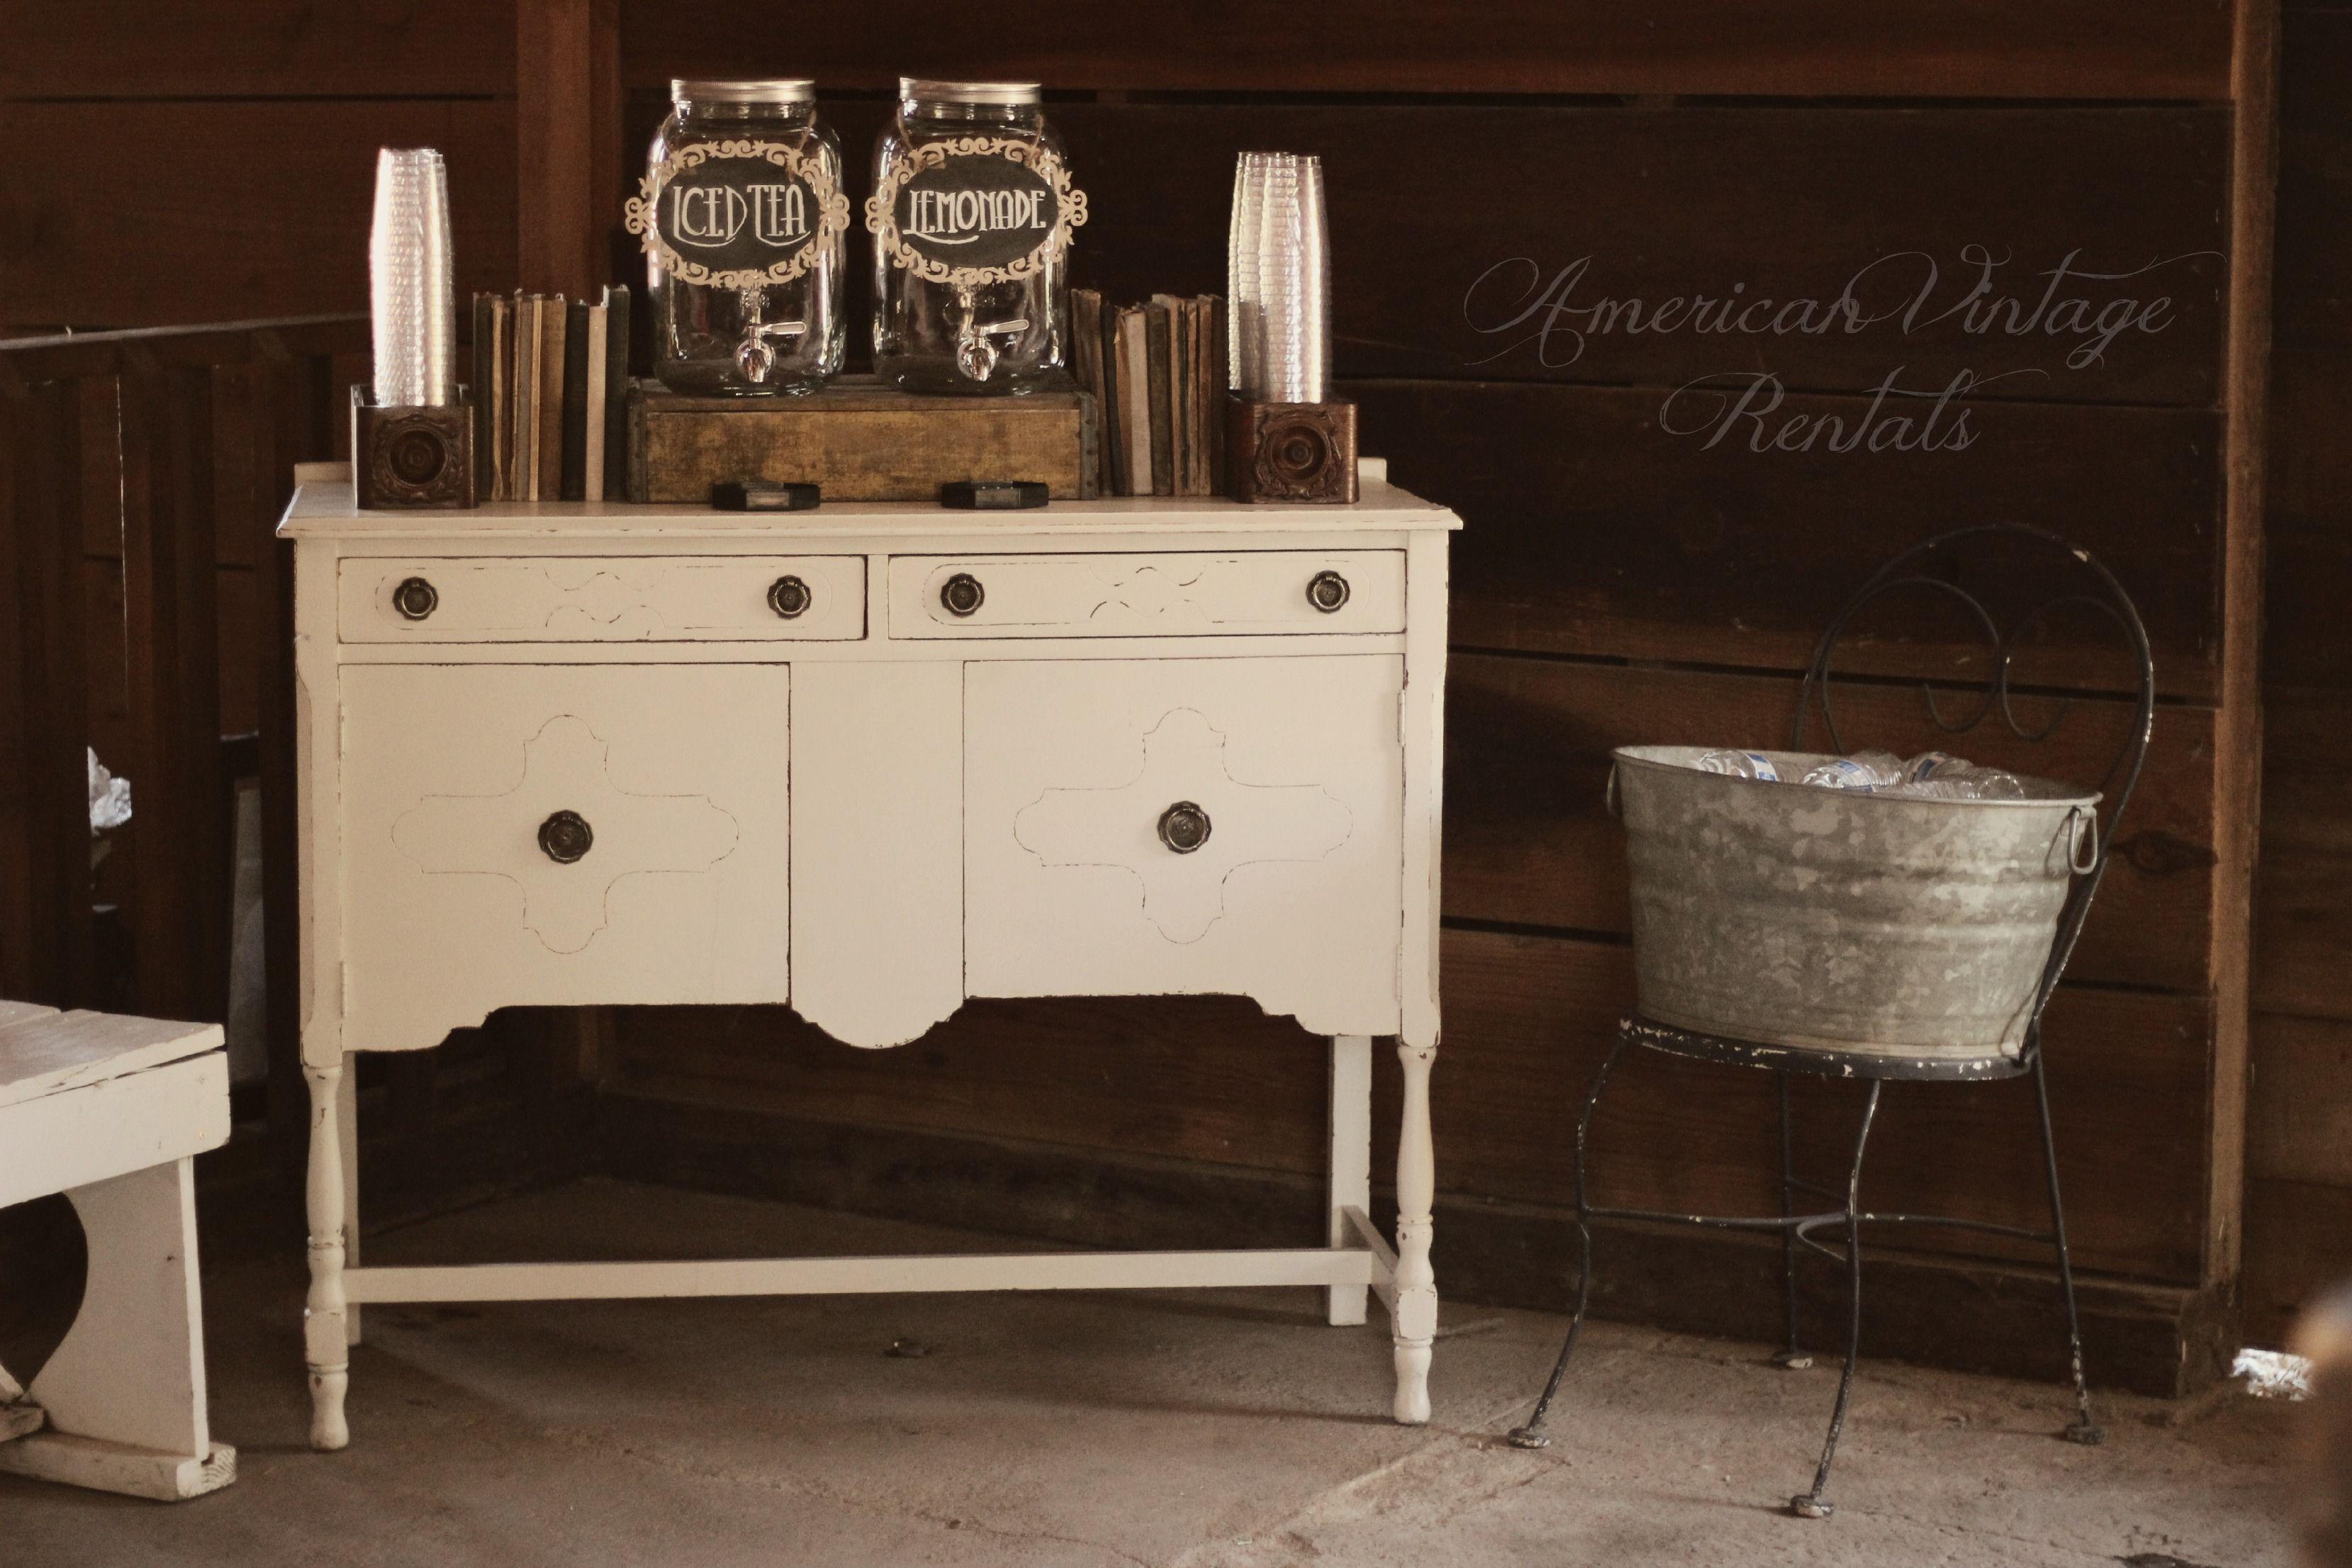 Rustic Vintage Wedding | Drink Station | Self-Serve Drink Bar | Wedding Decor | Vintage Furniture Rental